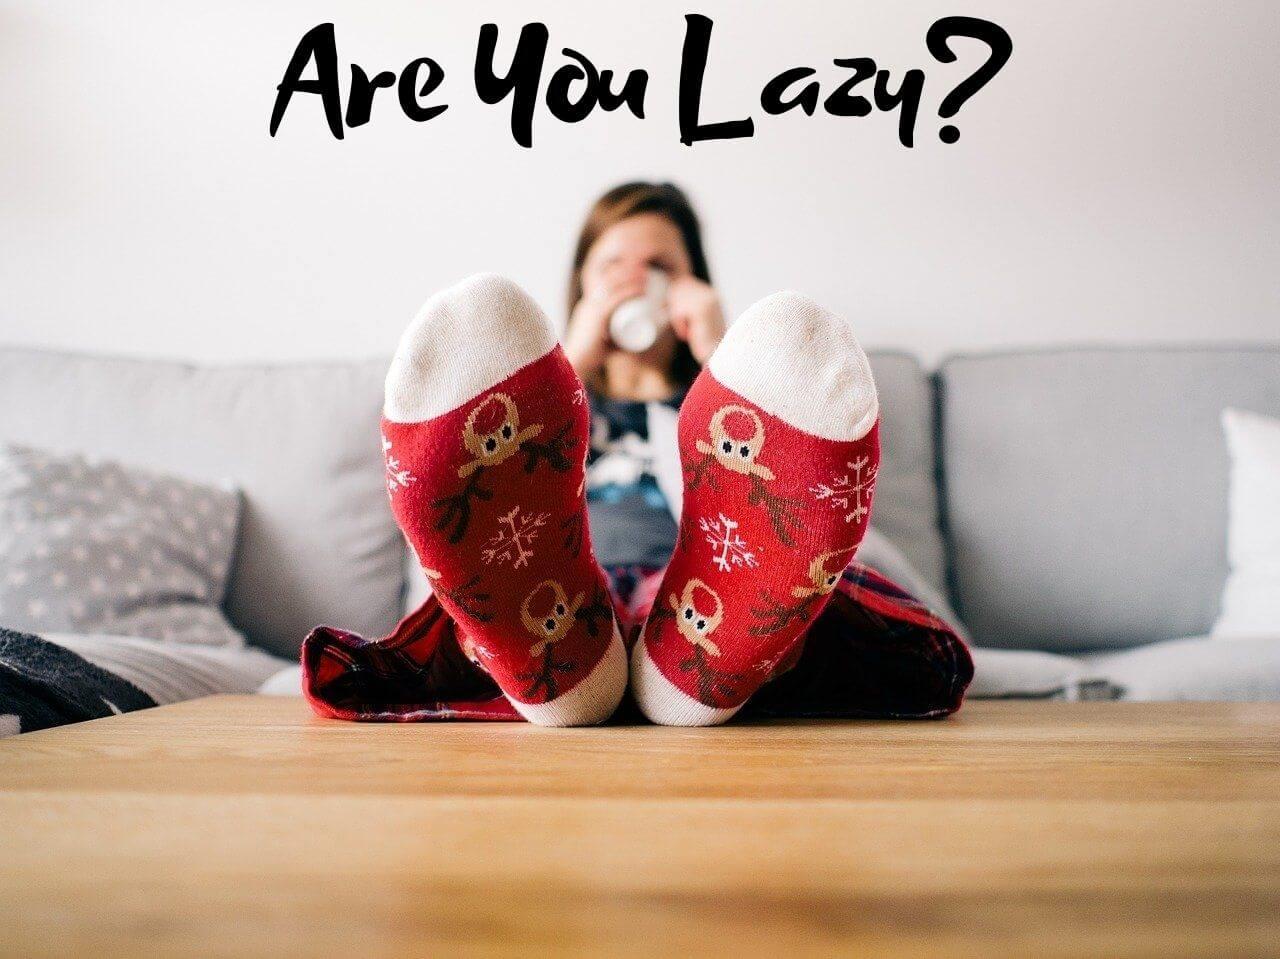 am I lazy quiz